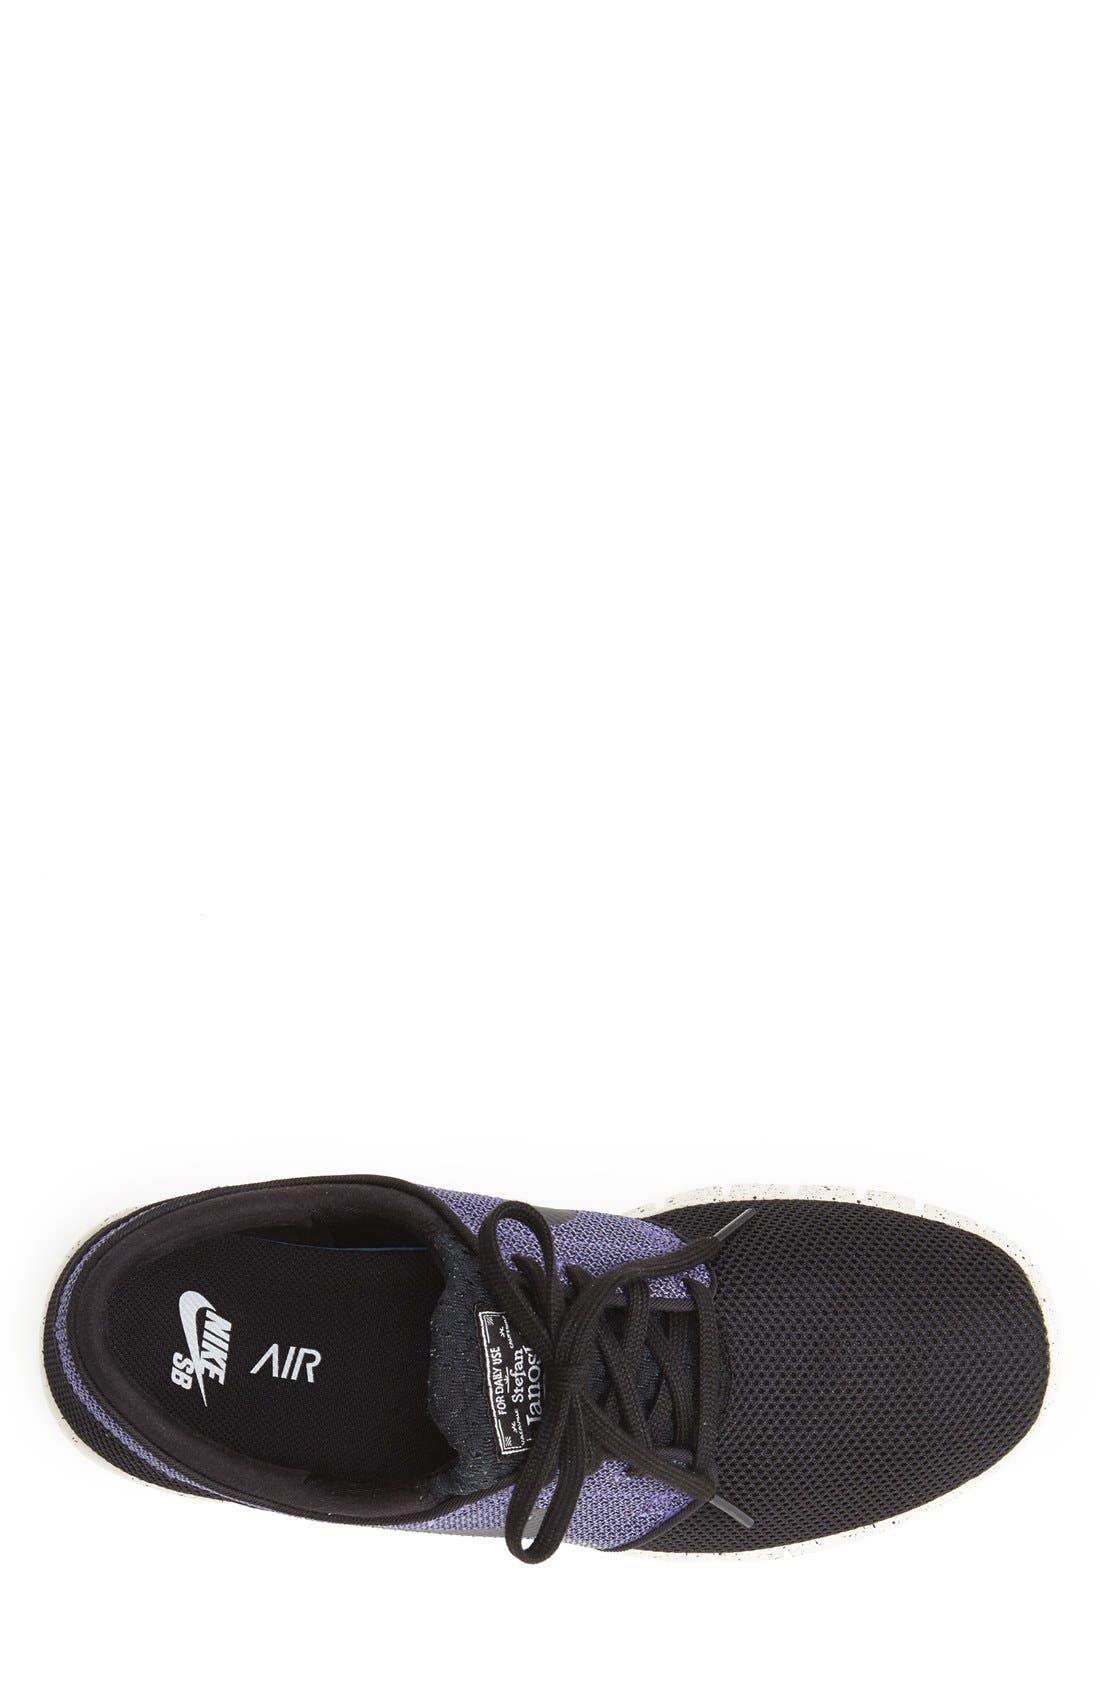 'Stefan Janoski - Max SB' Skate Shoe,                             Alternate thumbnail 8, color,                             BLACK/ PRO PURPLE/ WHITE